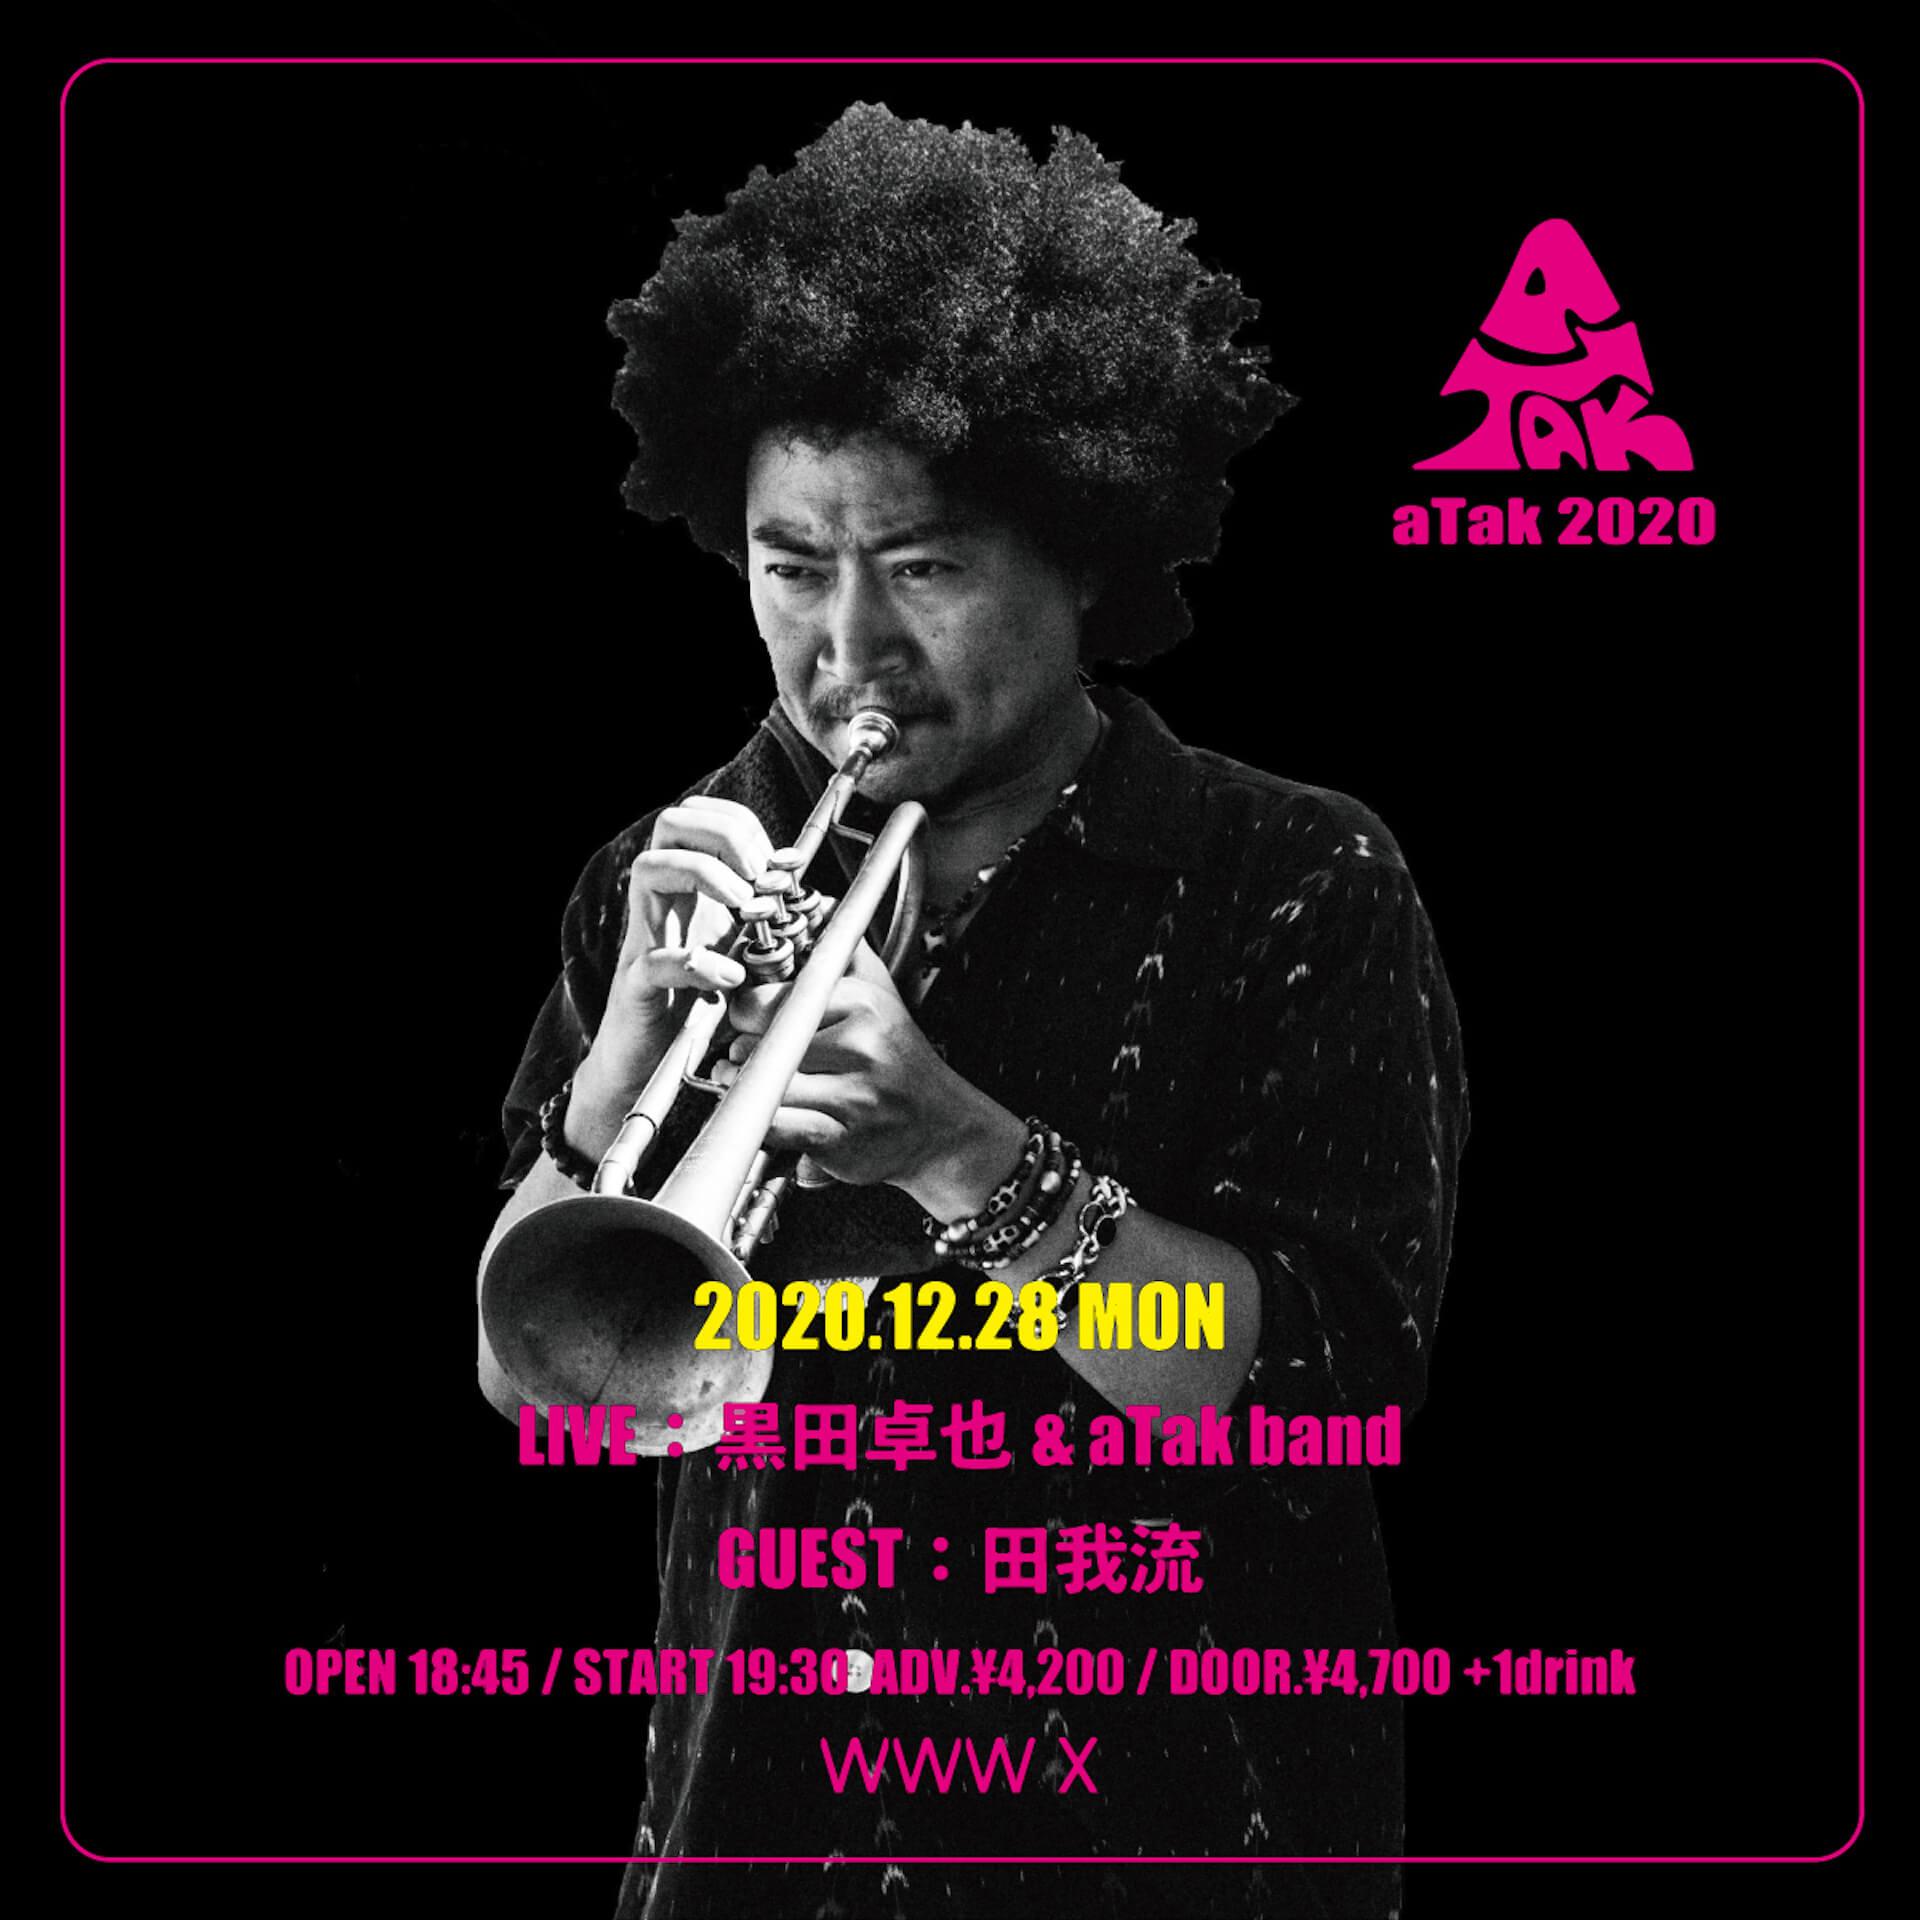 黒田卓也率いるaTak bandによる年末恒例イベント<aTak 2020>に田我流がゲスト出演決定! music201222_atak_1